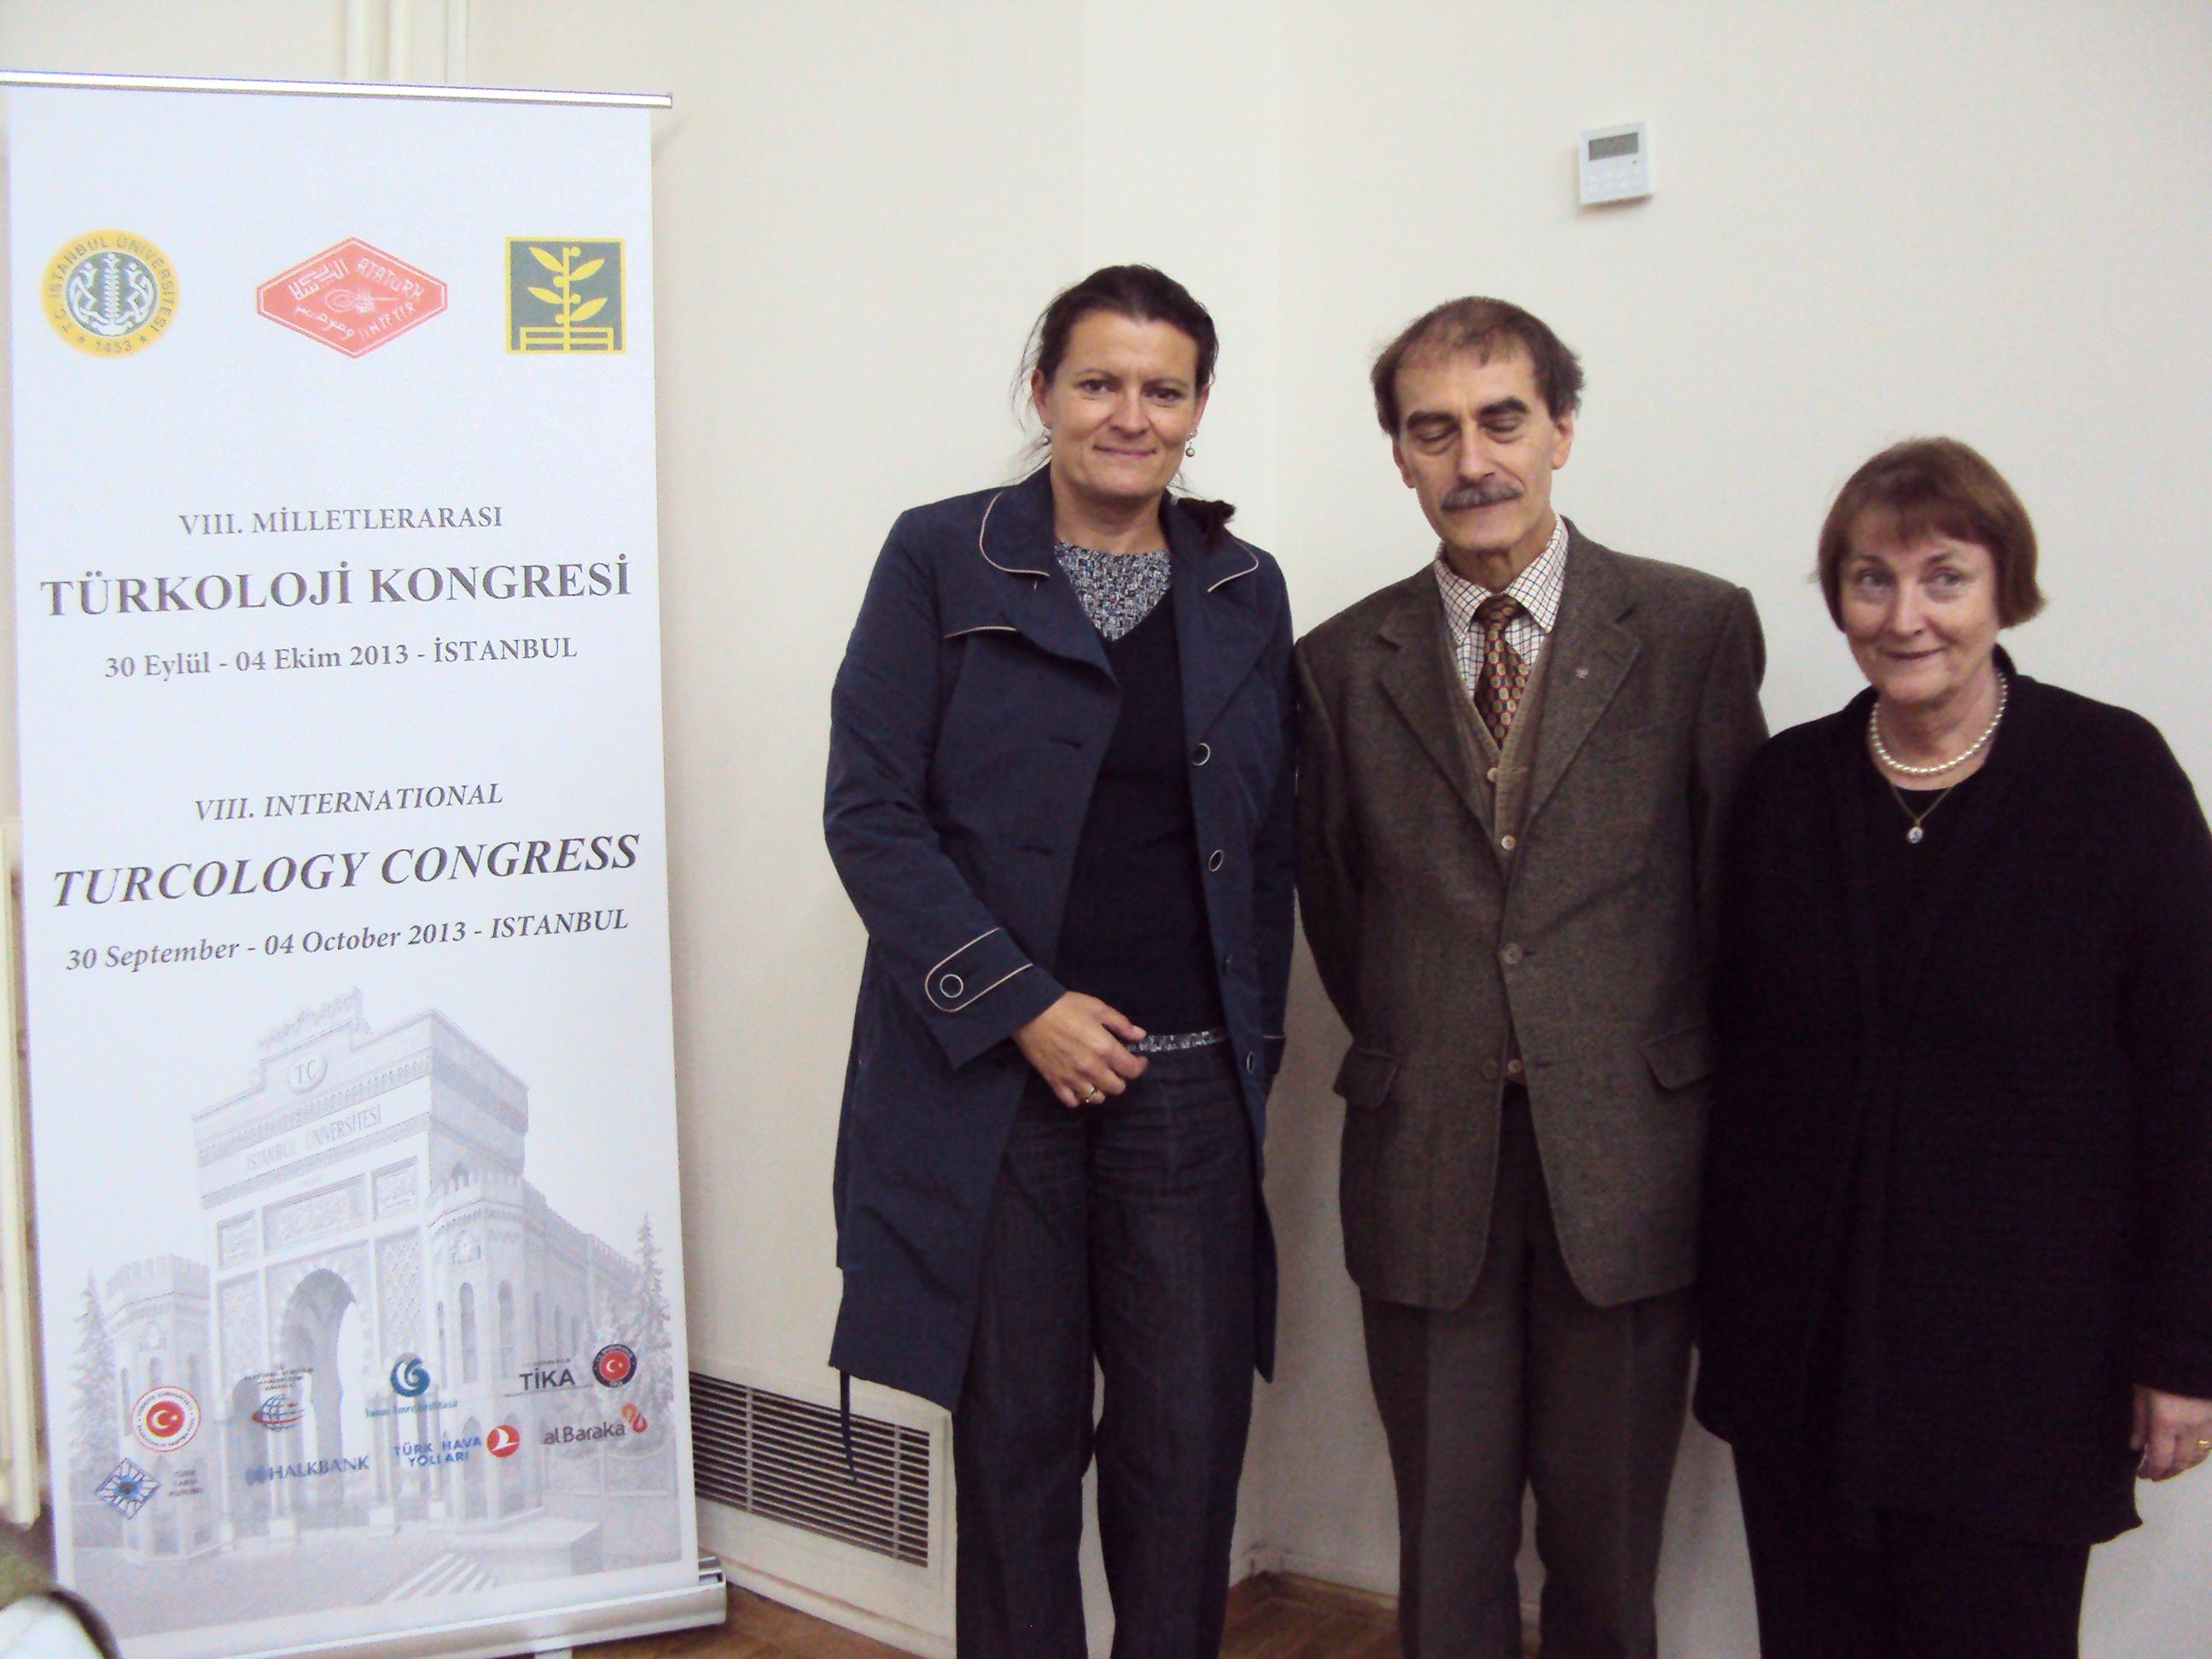 Konferencja stała się okazją do spotkania badaczy zajmujących się karaimskim dziedzictwem. Od prawej: prof. Éva Csató-Johansson z Uppsali, prof. Henryk Jankowski z Poznania i autorka tekstu.